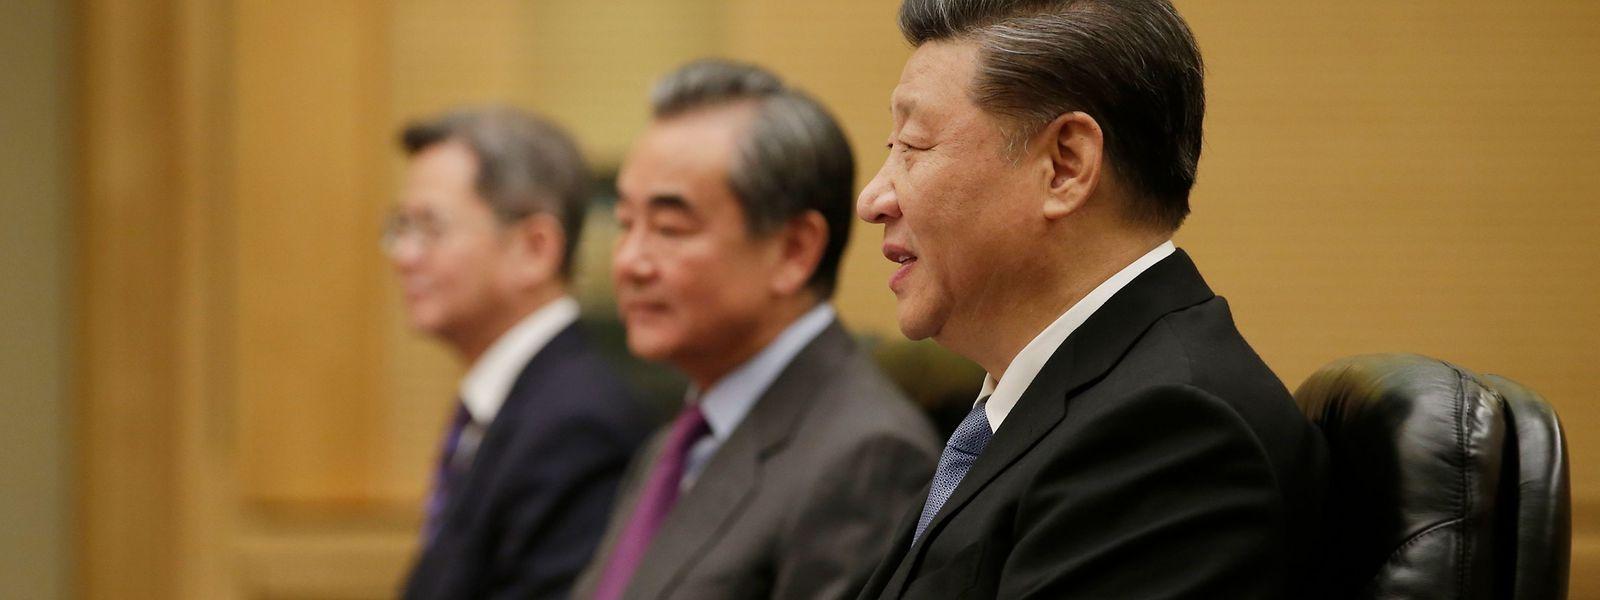 Präsident Xi Jinping (r.) Xi Jinping äußerte sich bei einem Treffen mit dem früheren US-Außenminister Henry Kissinger und Teilnehmern eines von der Bloomberg Media Group veranstalteten Wirtschaftsforums in Peking.